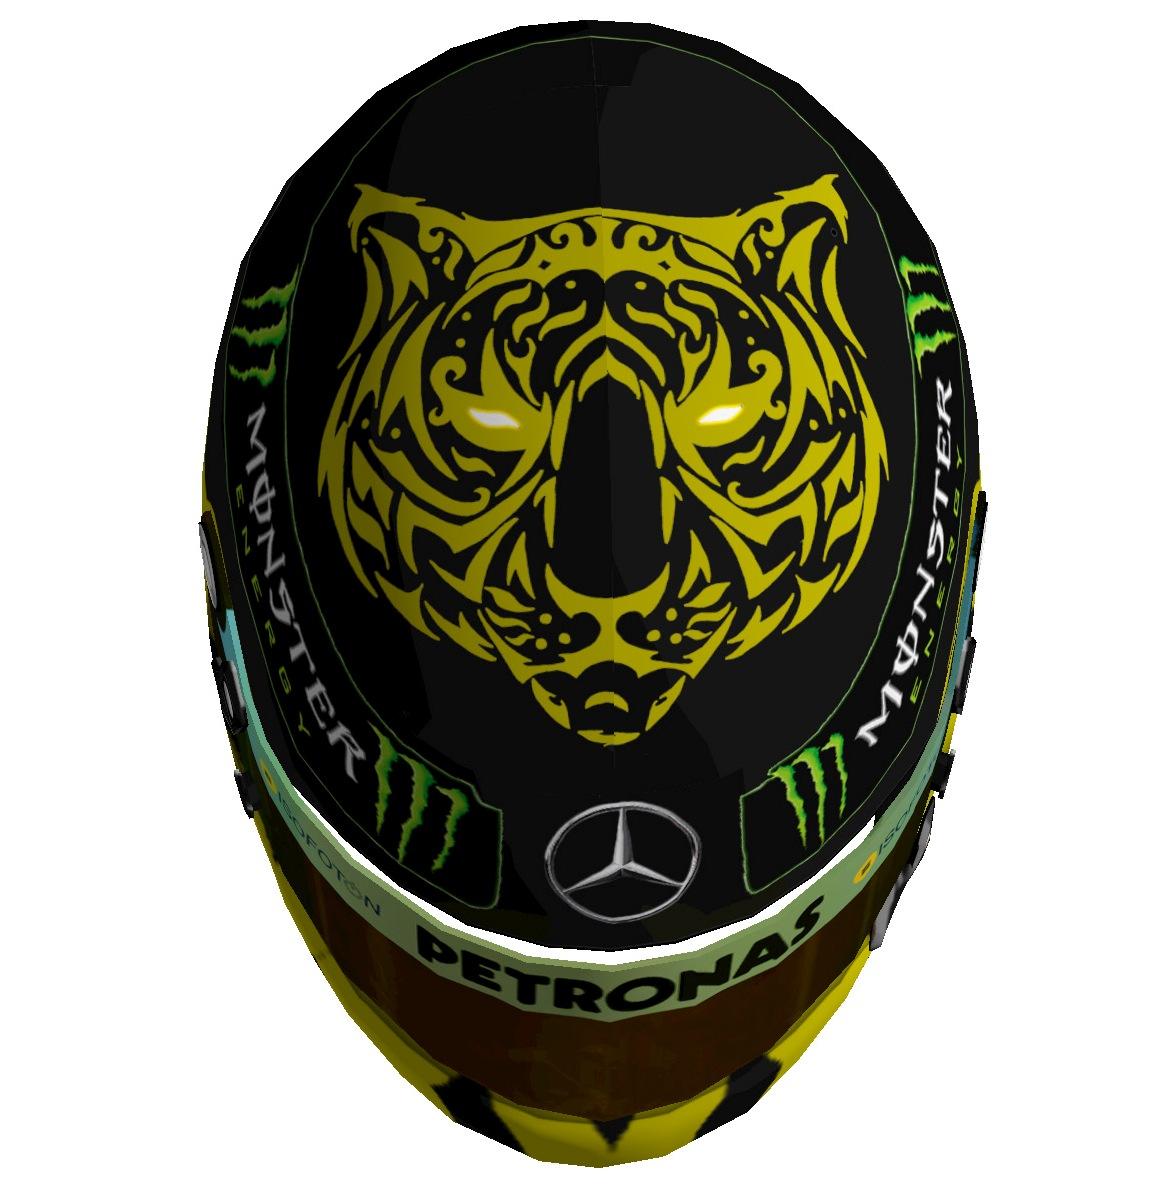 Mercedes Helmet Template 2.jpg